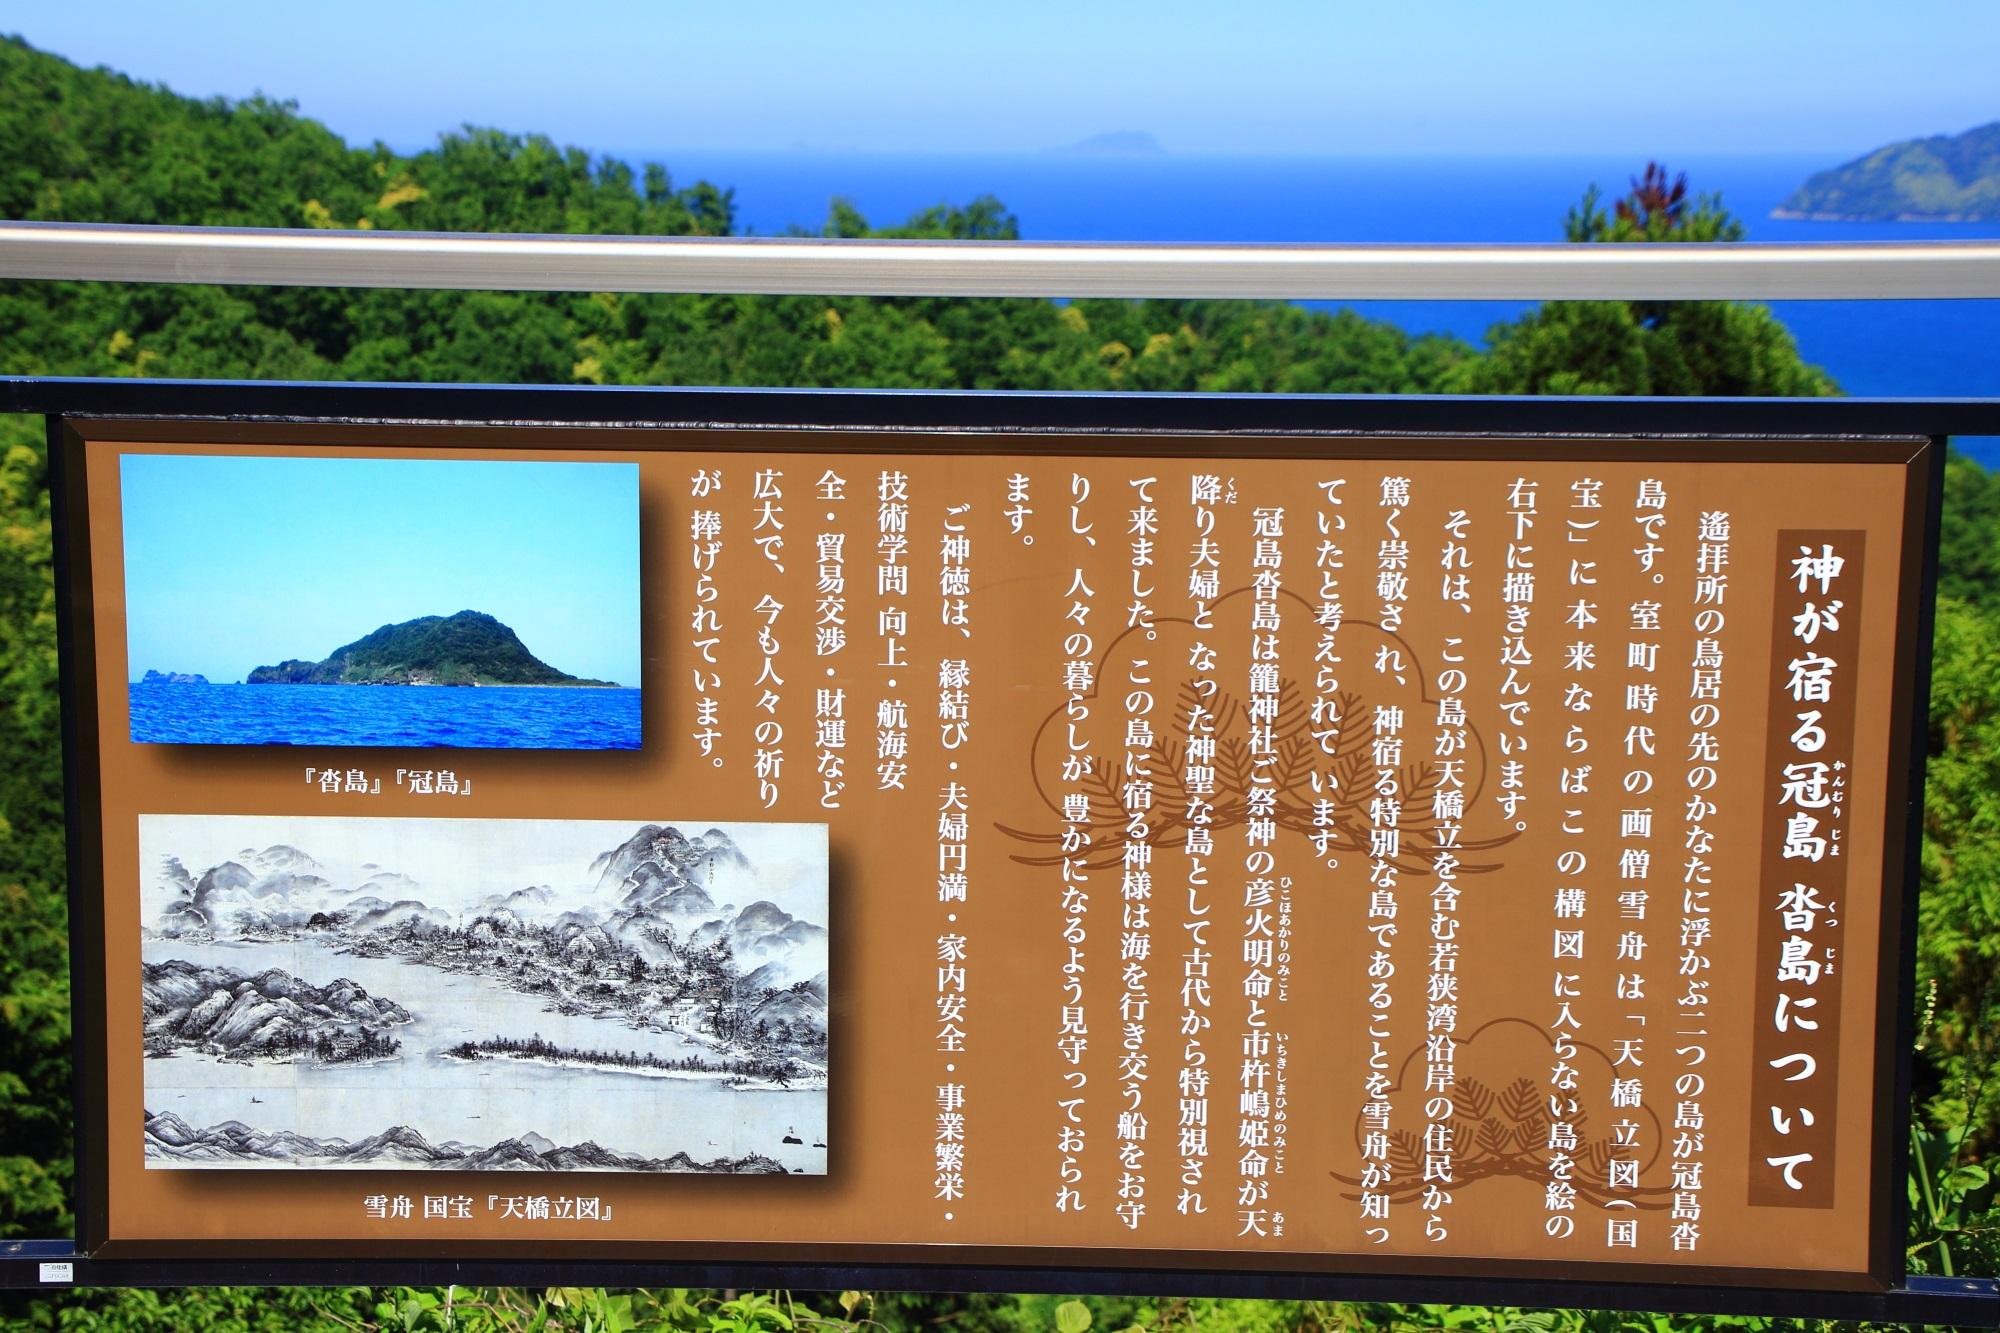 神が宿るとされる冠島と沓島の説明